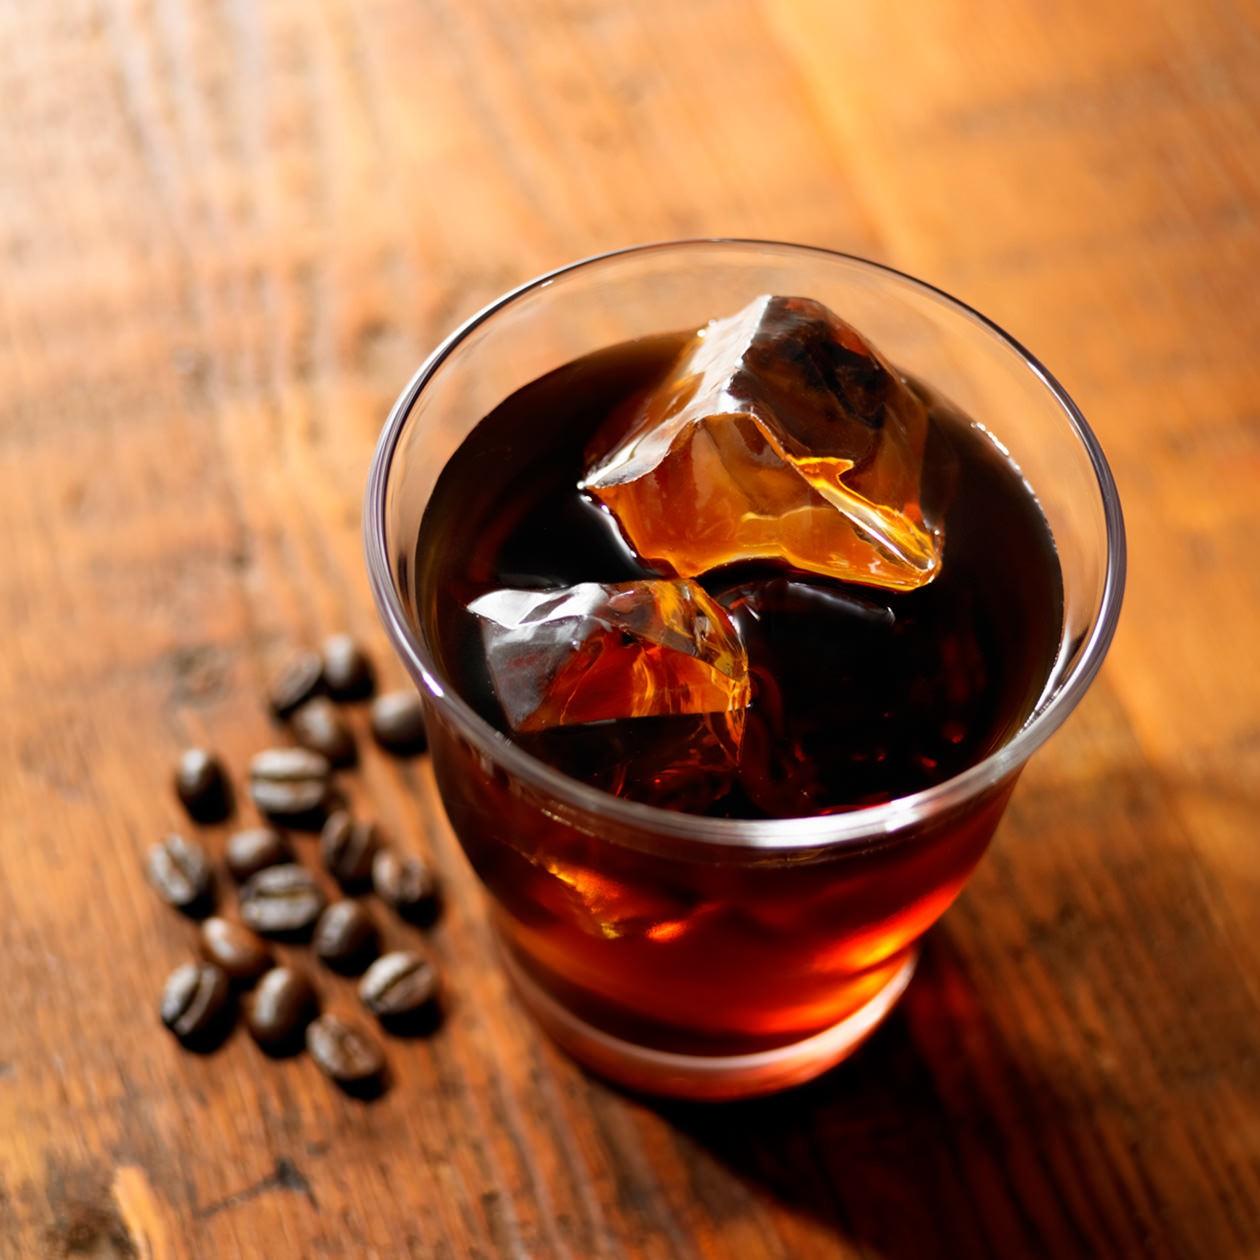 【群馬】沼田にスゴい道の駅が!川場田園プラザで水出しコーヒーに冷やしラーメンを楽しもう!